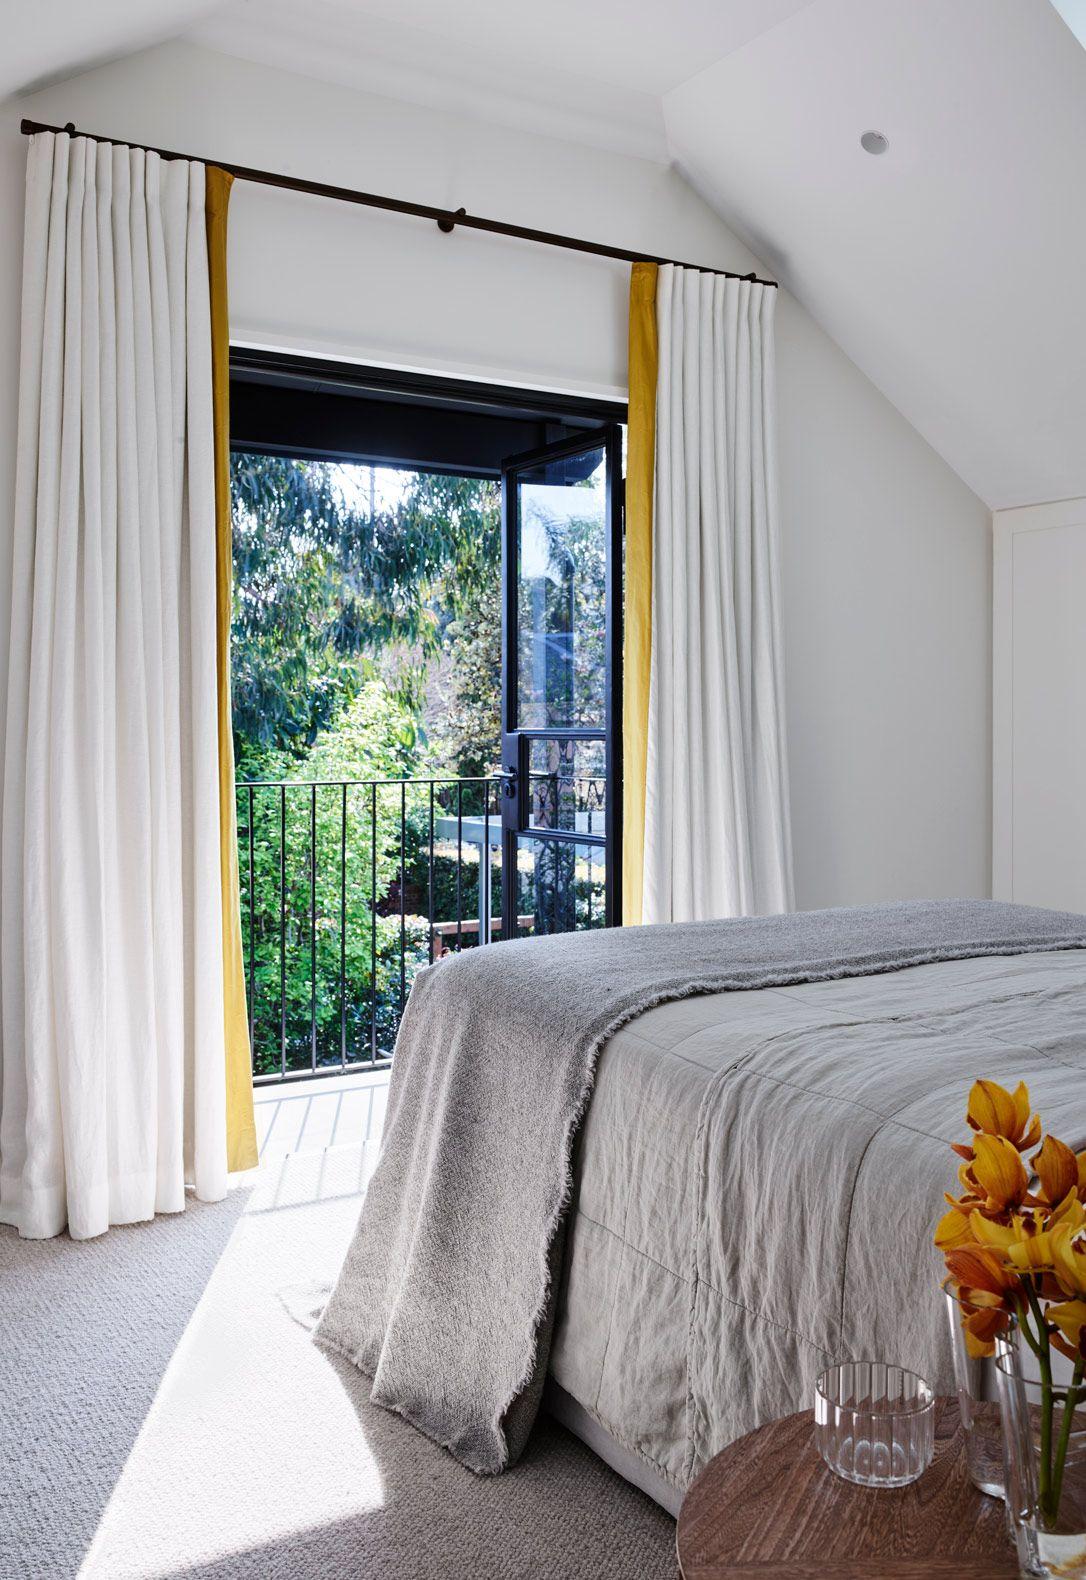 25 brilliant balcony decorating ideas - balcony design tips